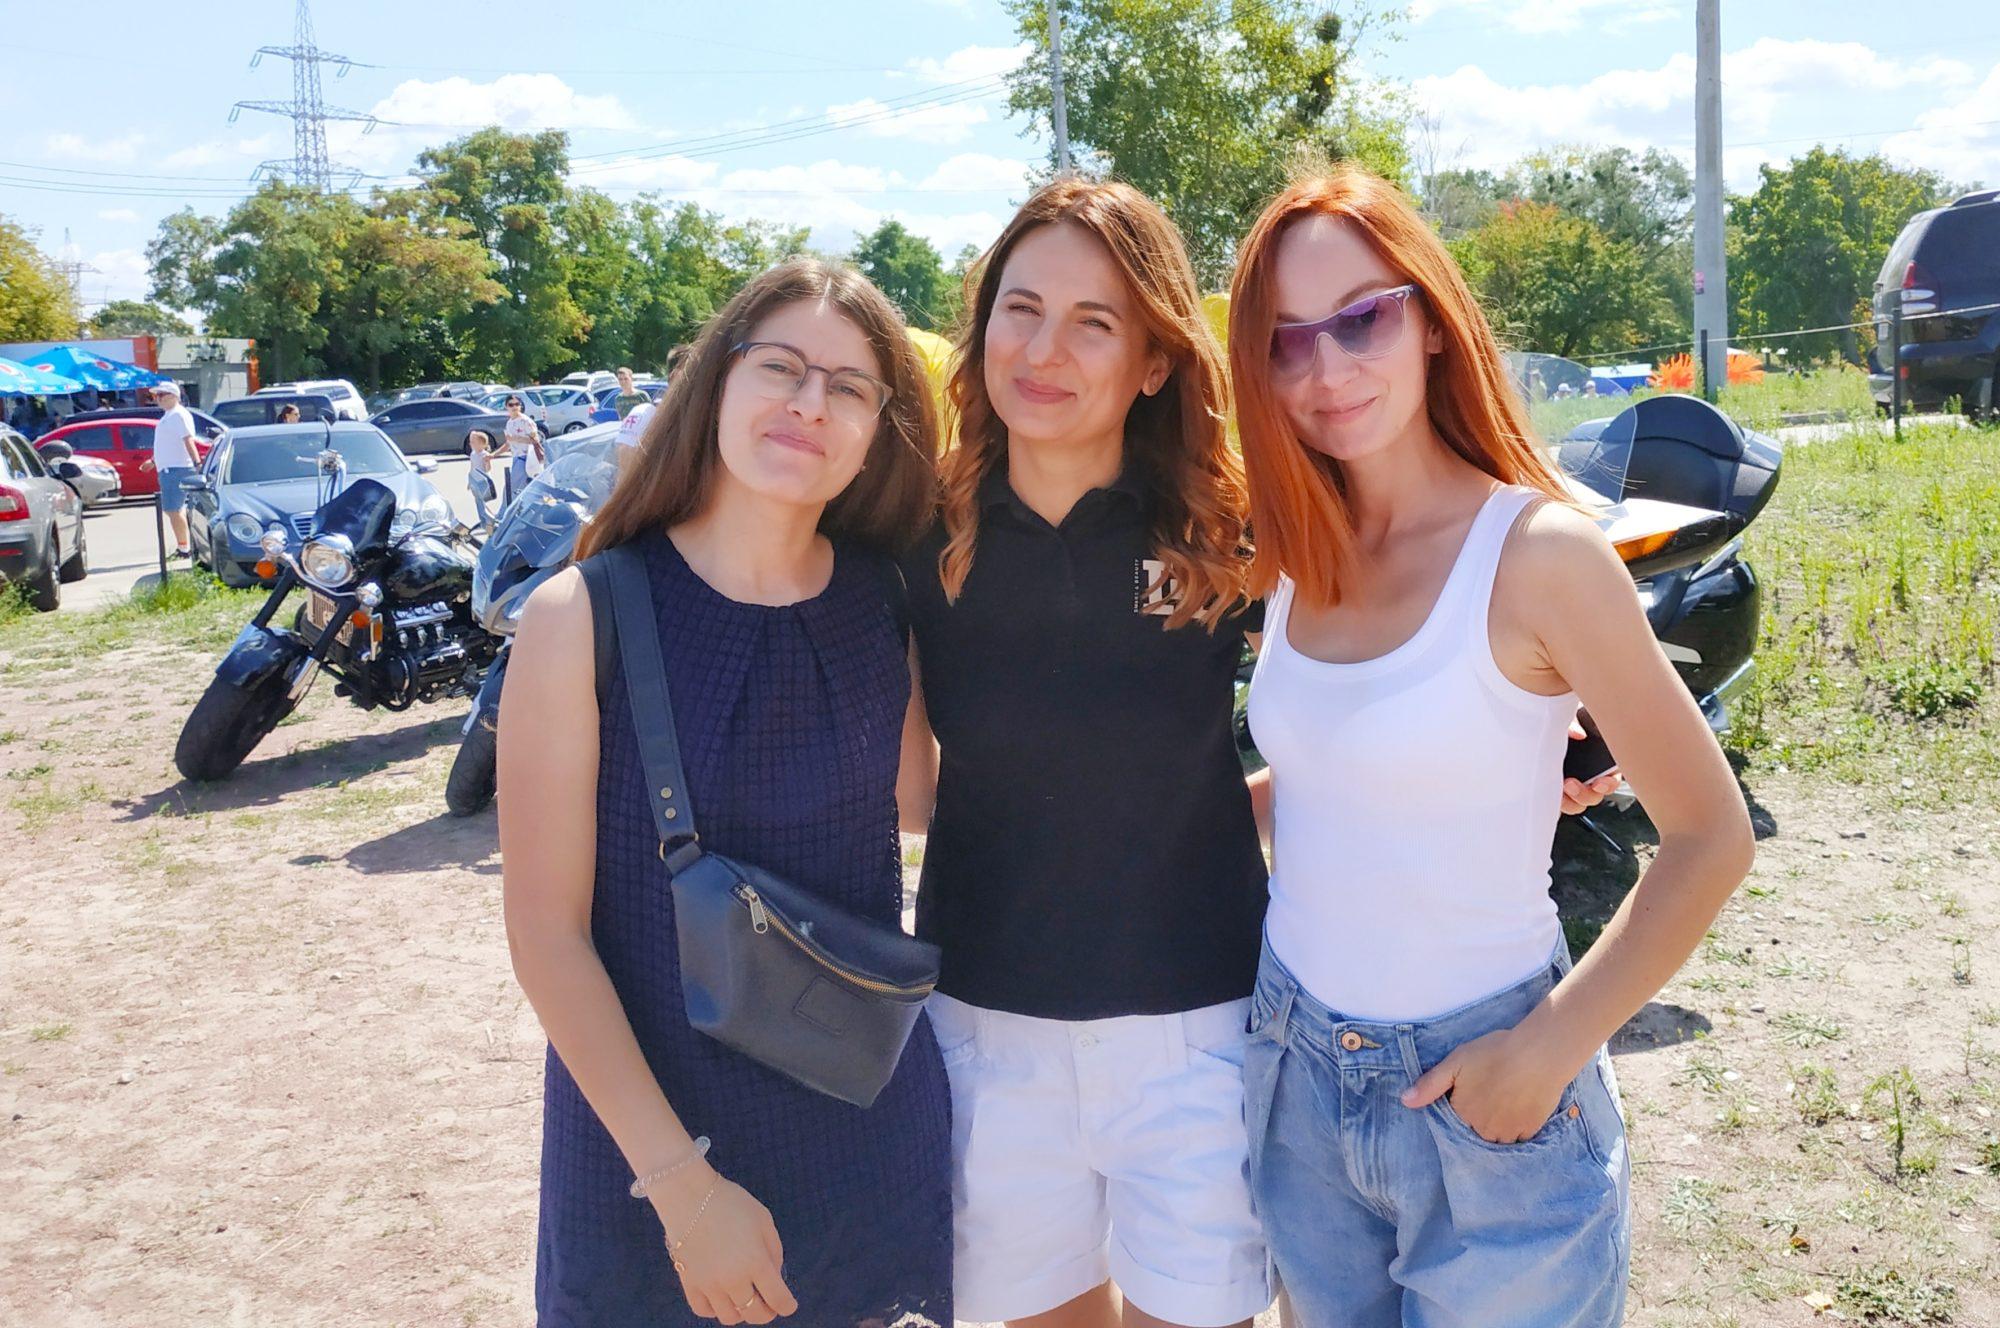 «Свято родинних традицій» у Вишгороді зібрало друзів і партнерів - Фестиваль, Вишгород - 0810 Rodynni Olya 2000x1328